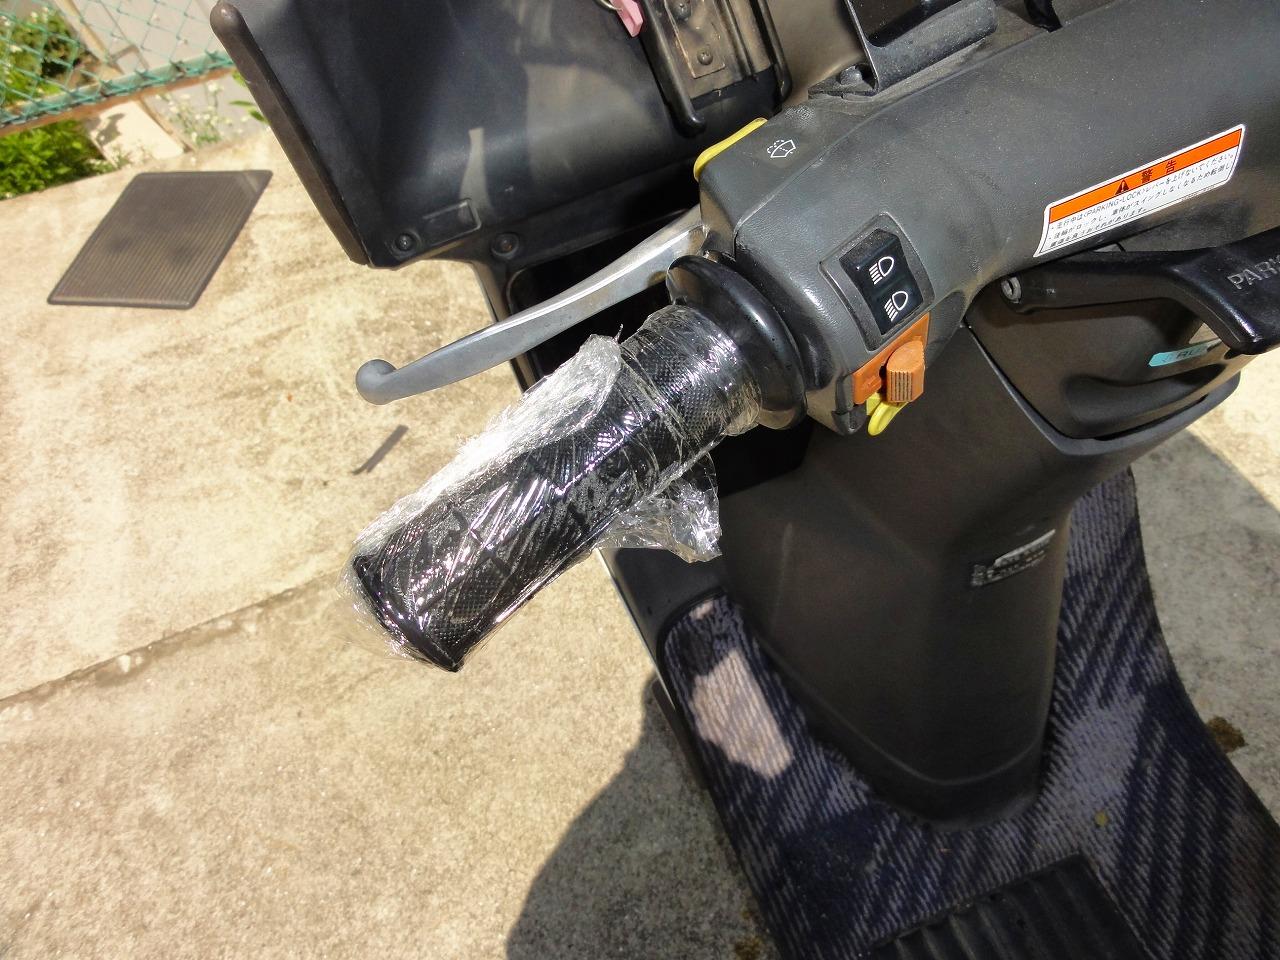 ジャイロキャノピーグリップヒーター洗浄・清掃